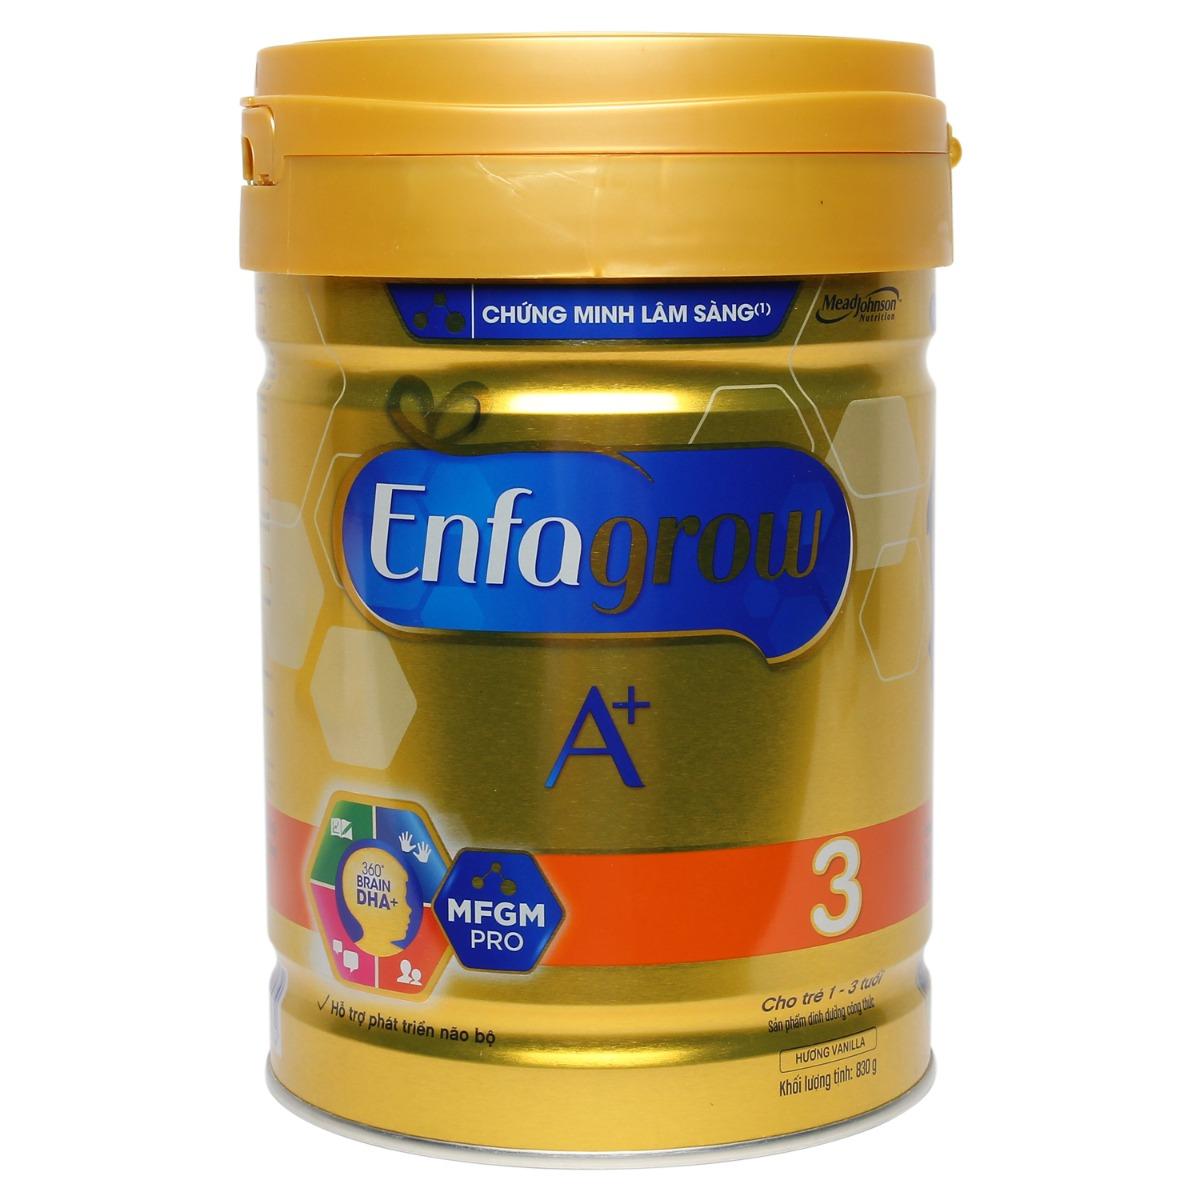 Sữa Enfagrow A+ 3 360 Brain DHA+ và MFGM Pro hương vani 830g (1 - 3 tuổi)